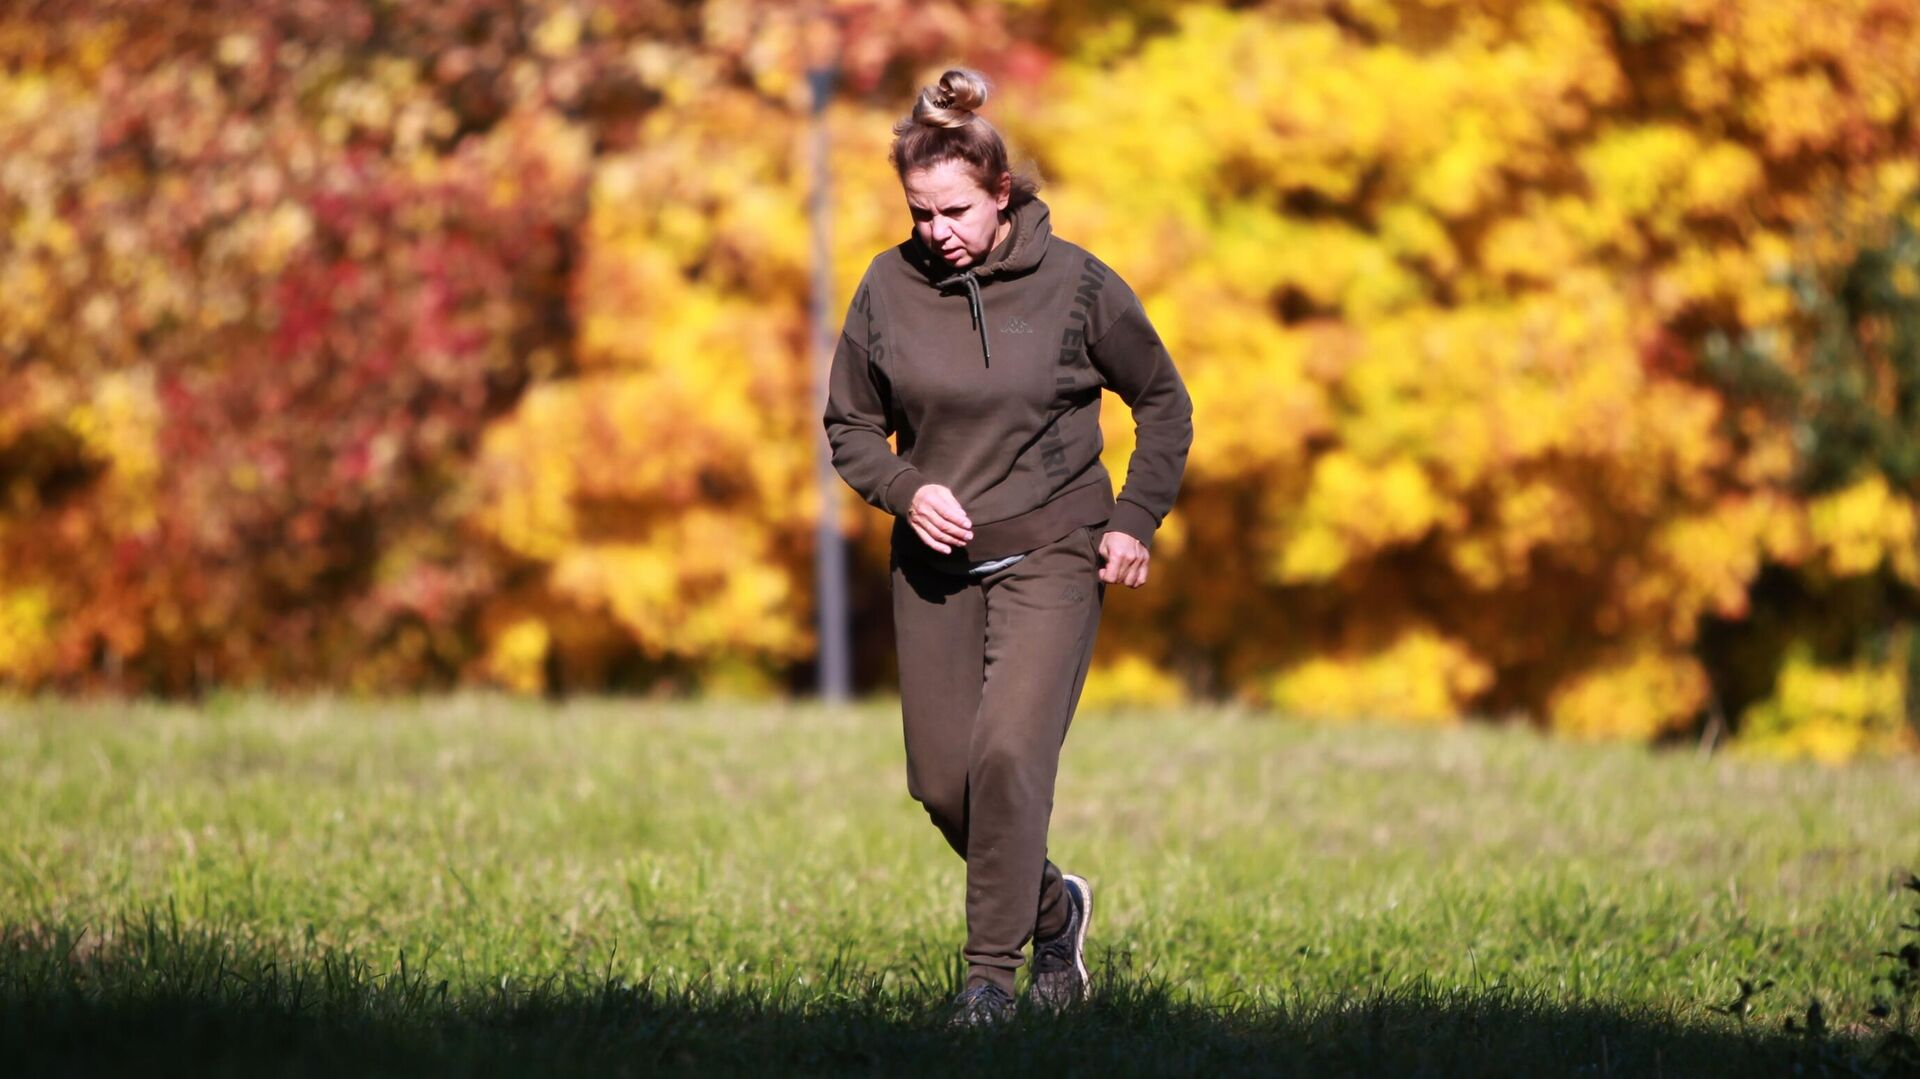 Женщина занимается бегом - Sputnik Беларусь, 1920, 09.10.2021